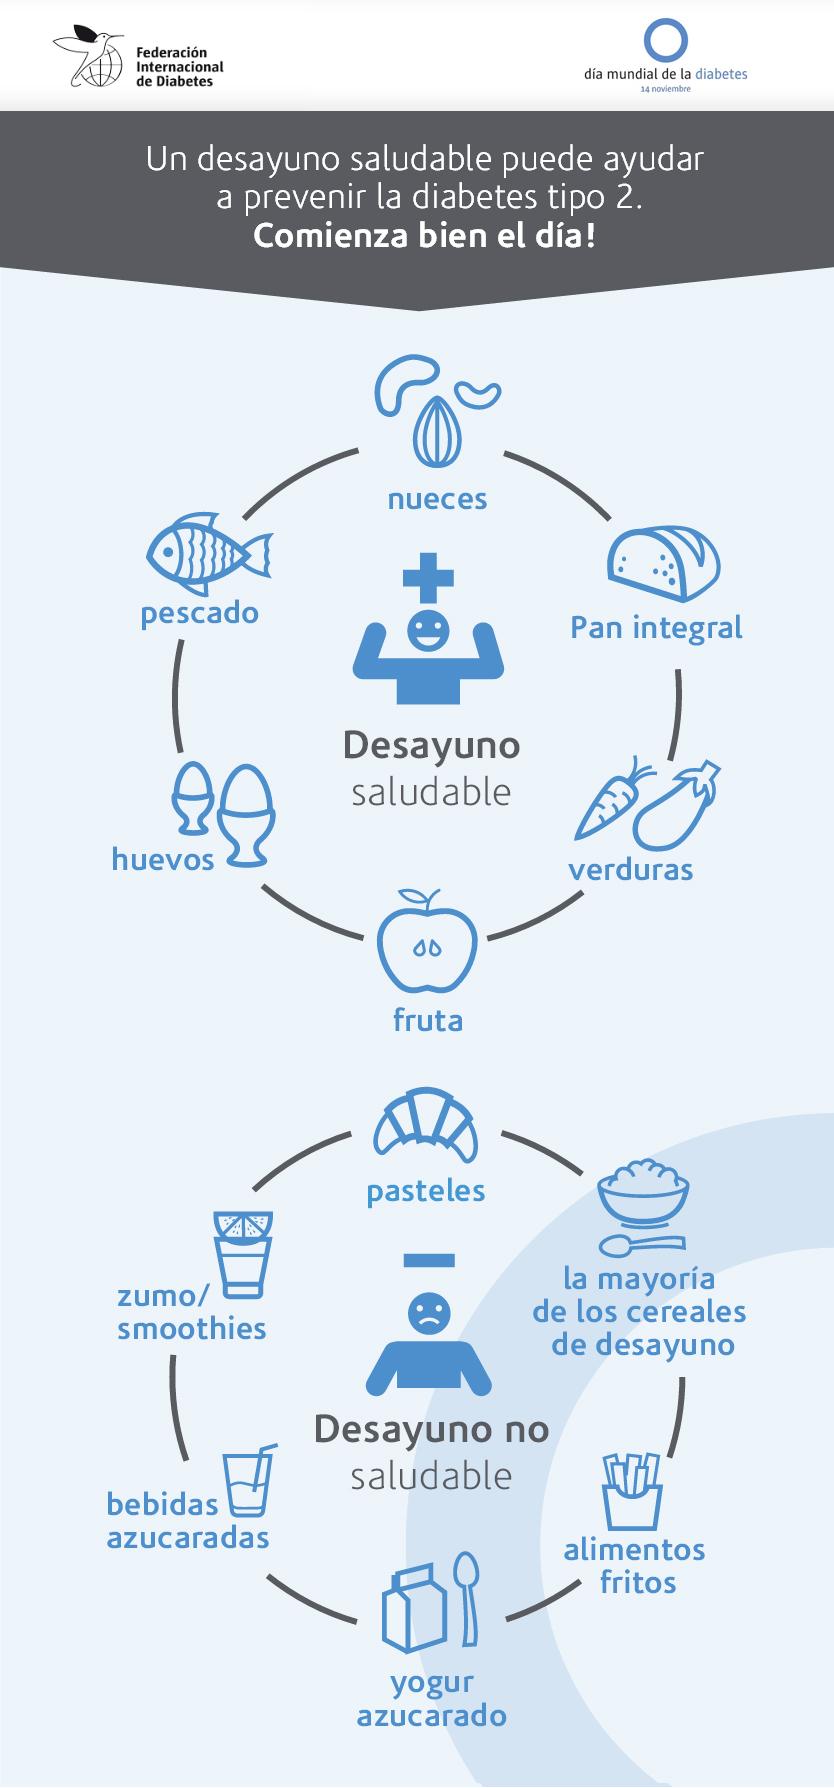 Infografía: Un desayuno saludable puede ayudar a prevenir la diabetes tipo 2. ¡Comienza bien el día!